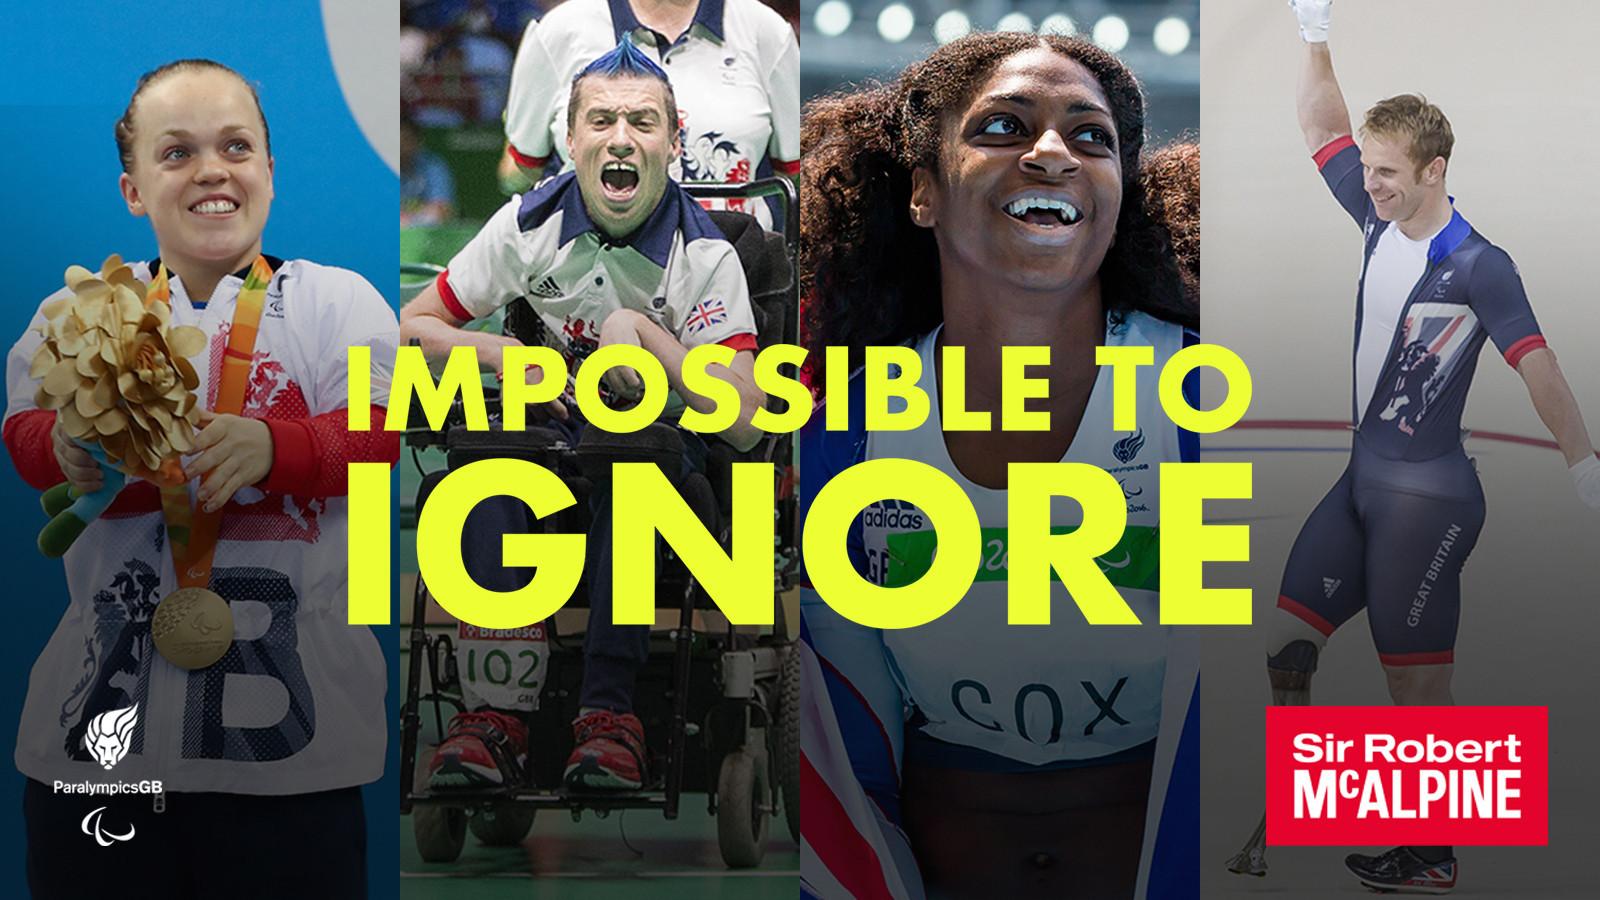 ParalympicsGB unveil Sir Robert McAlpine as official partner